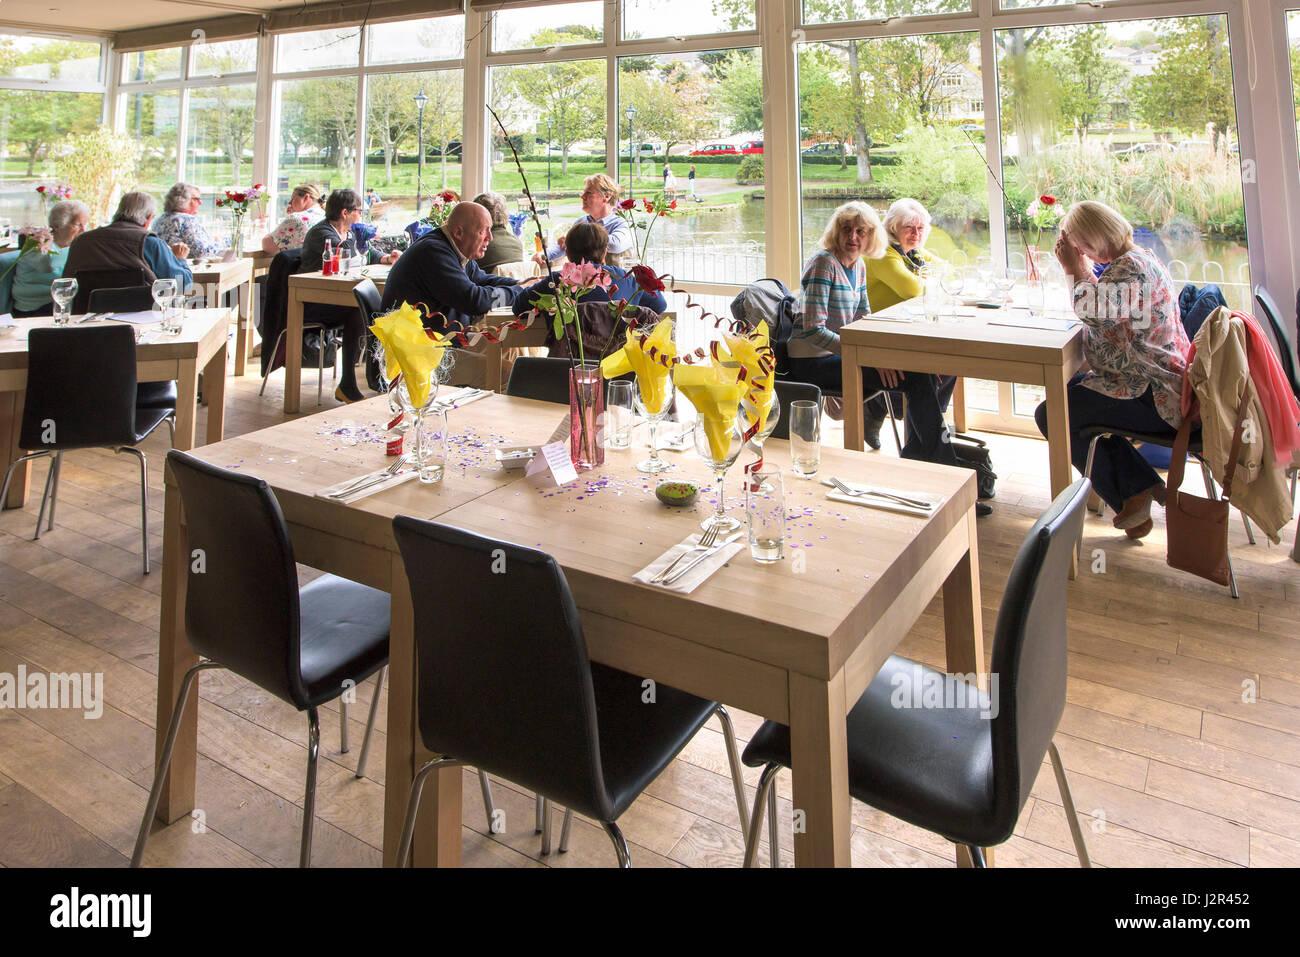 El restaurante interior; Clientes; ambiente relajado; disfrutando; goce; mesa reservada; Celebración; decoración Imagen De Stock